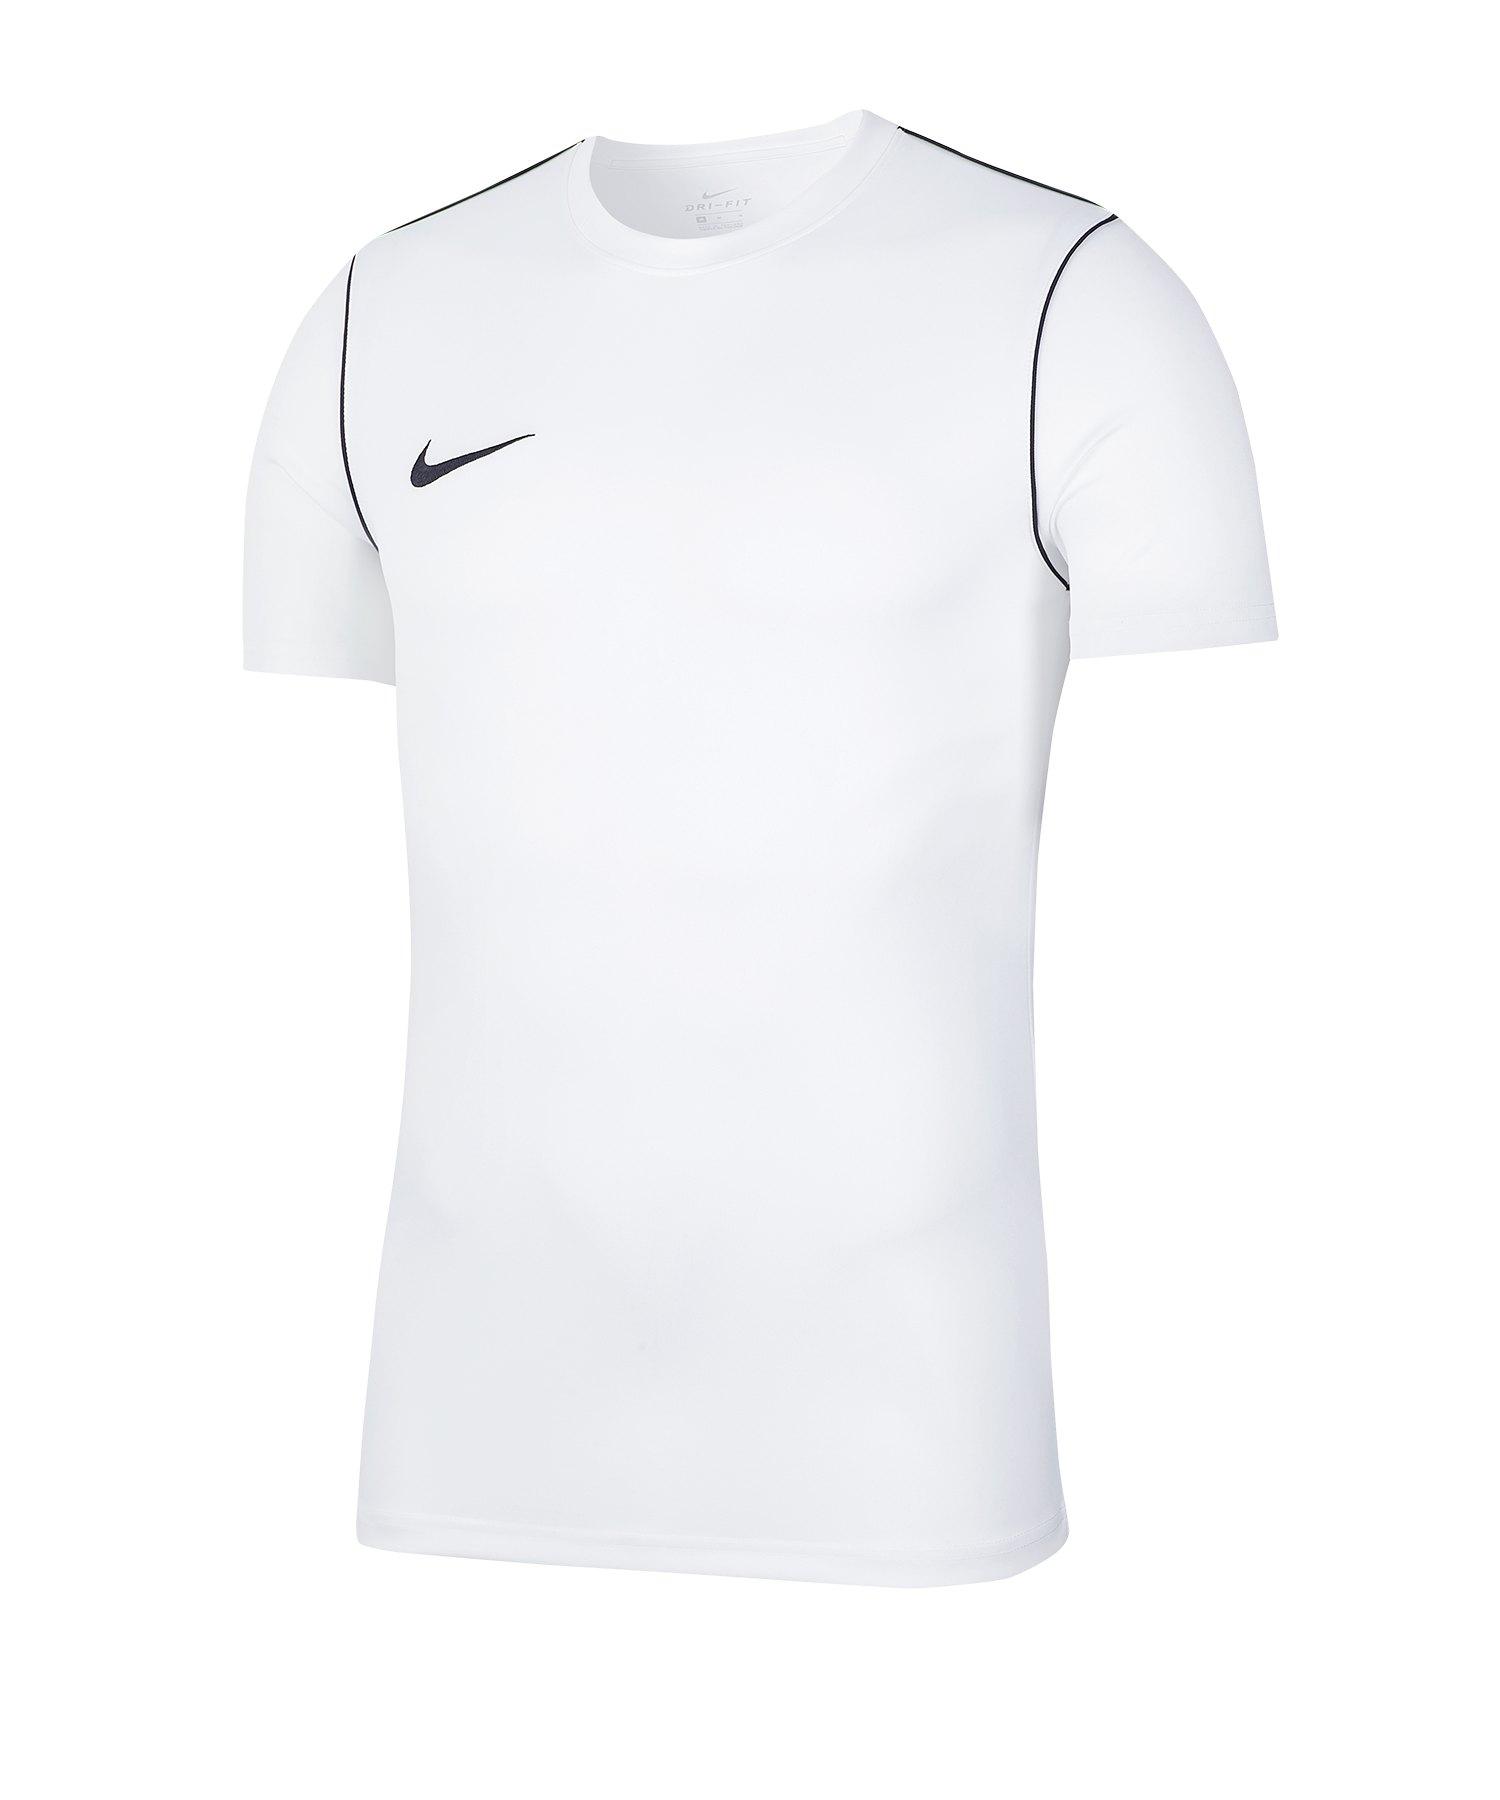 Nike Park 20 T-Shirt Kids Weiss F100 - weiss